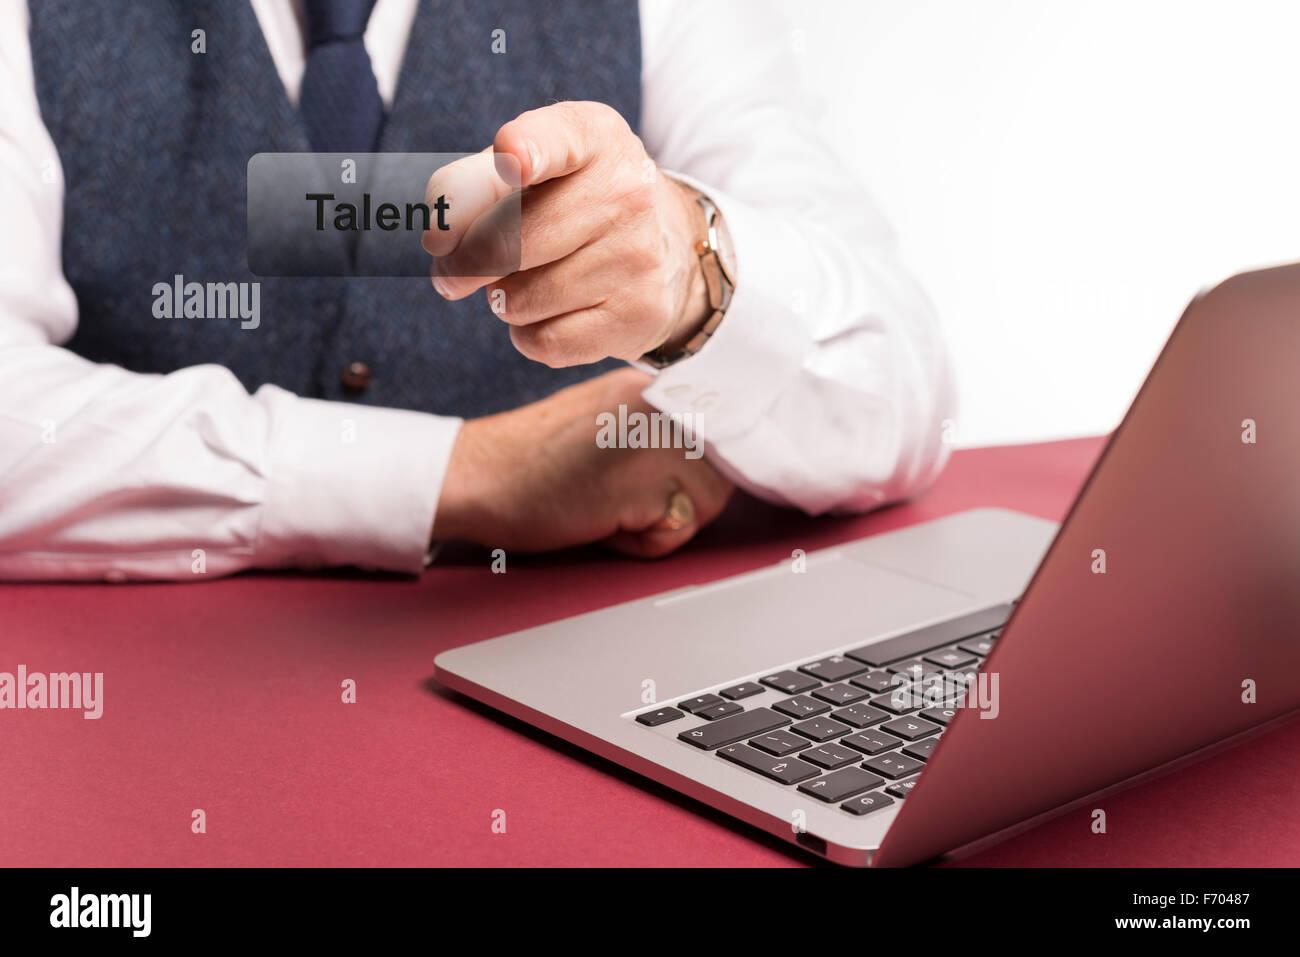 Elegant gekleidet Geschäftsmann sitzt am Schreibtisch mit Laptop im Hinblick auf das Wort Talent auf einem Stockbild